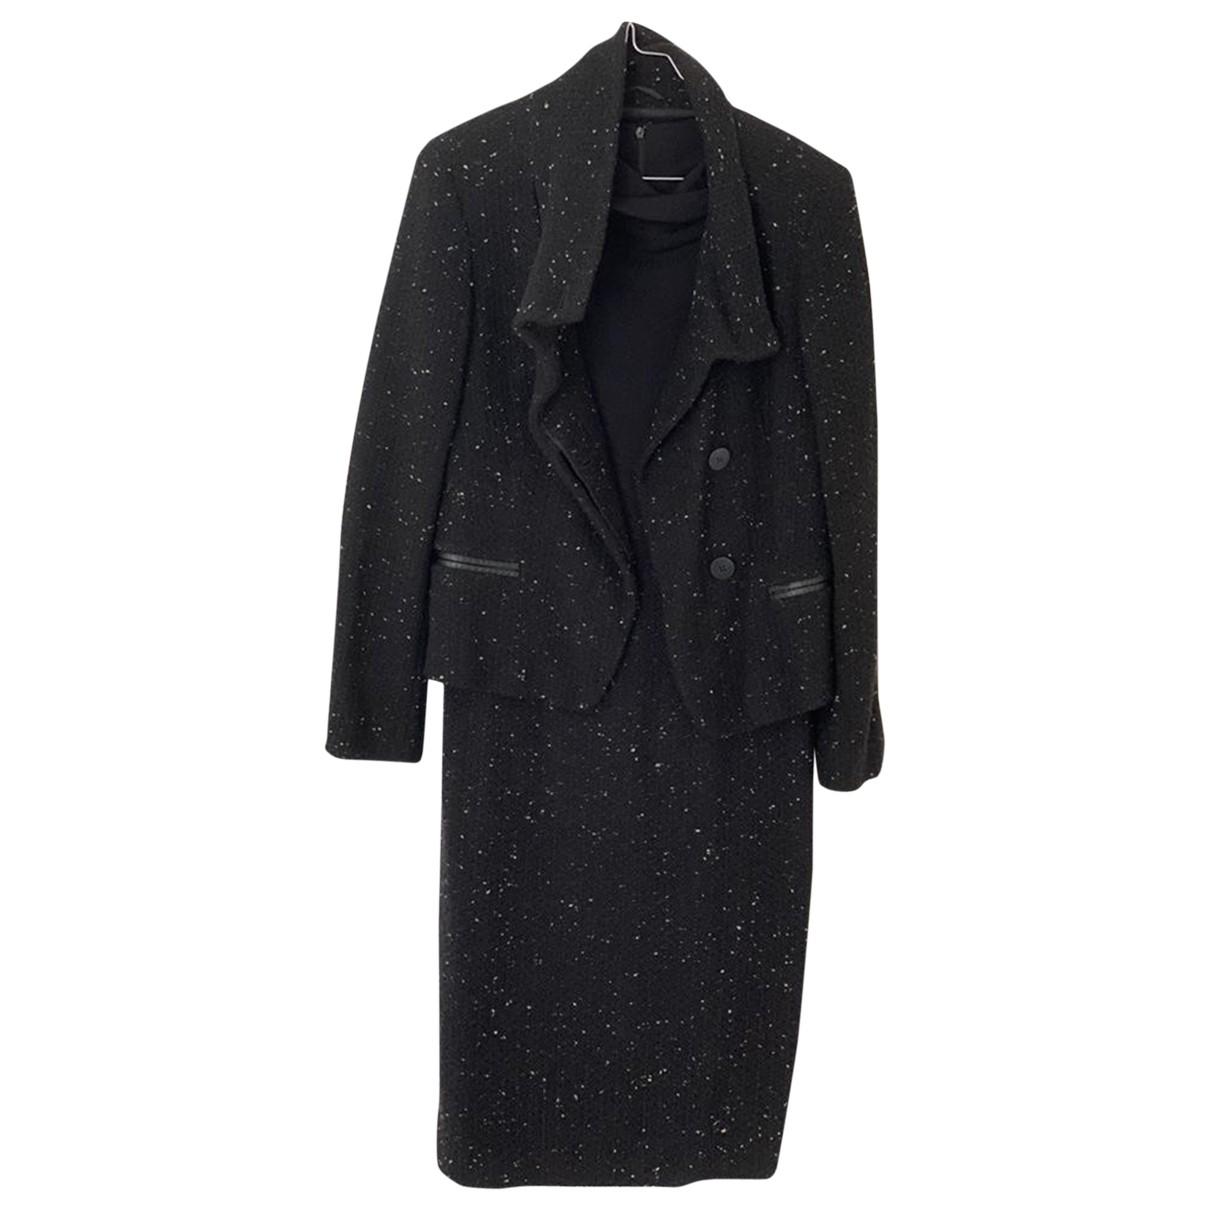 Max Mara \N Kleid in  Schwarz Wolle